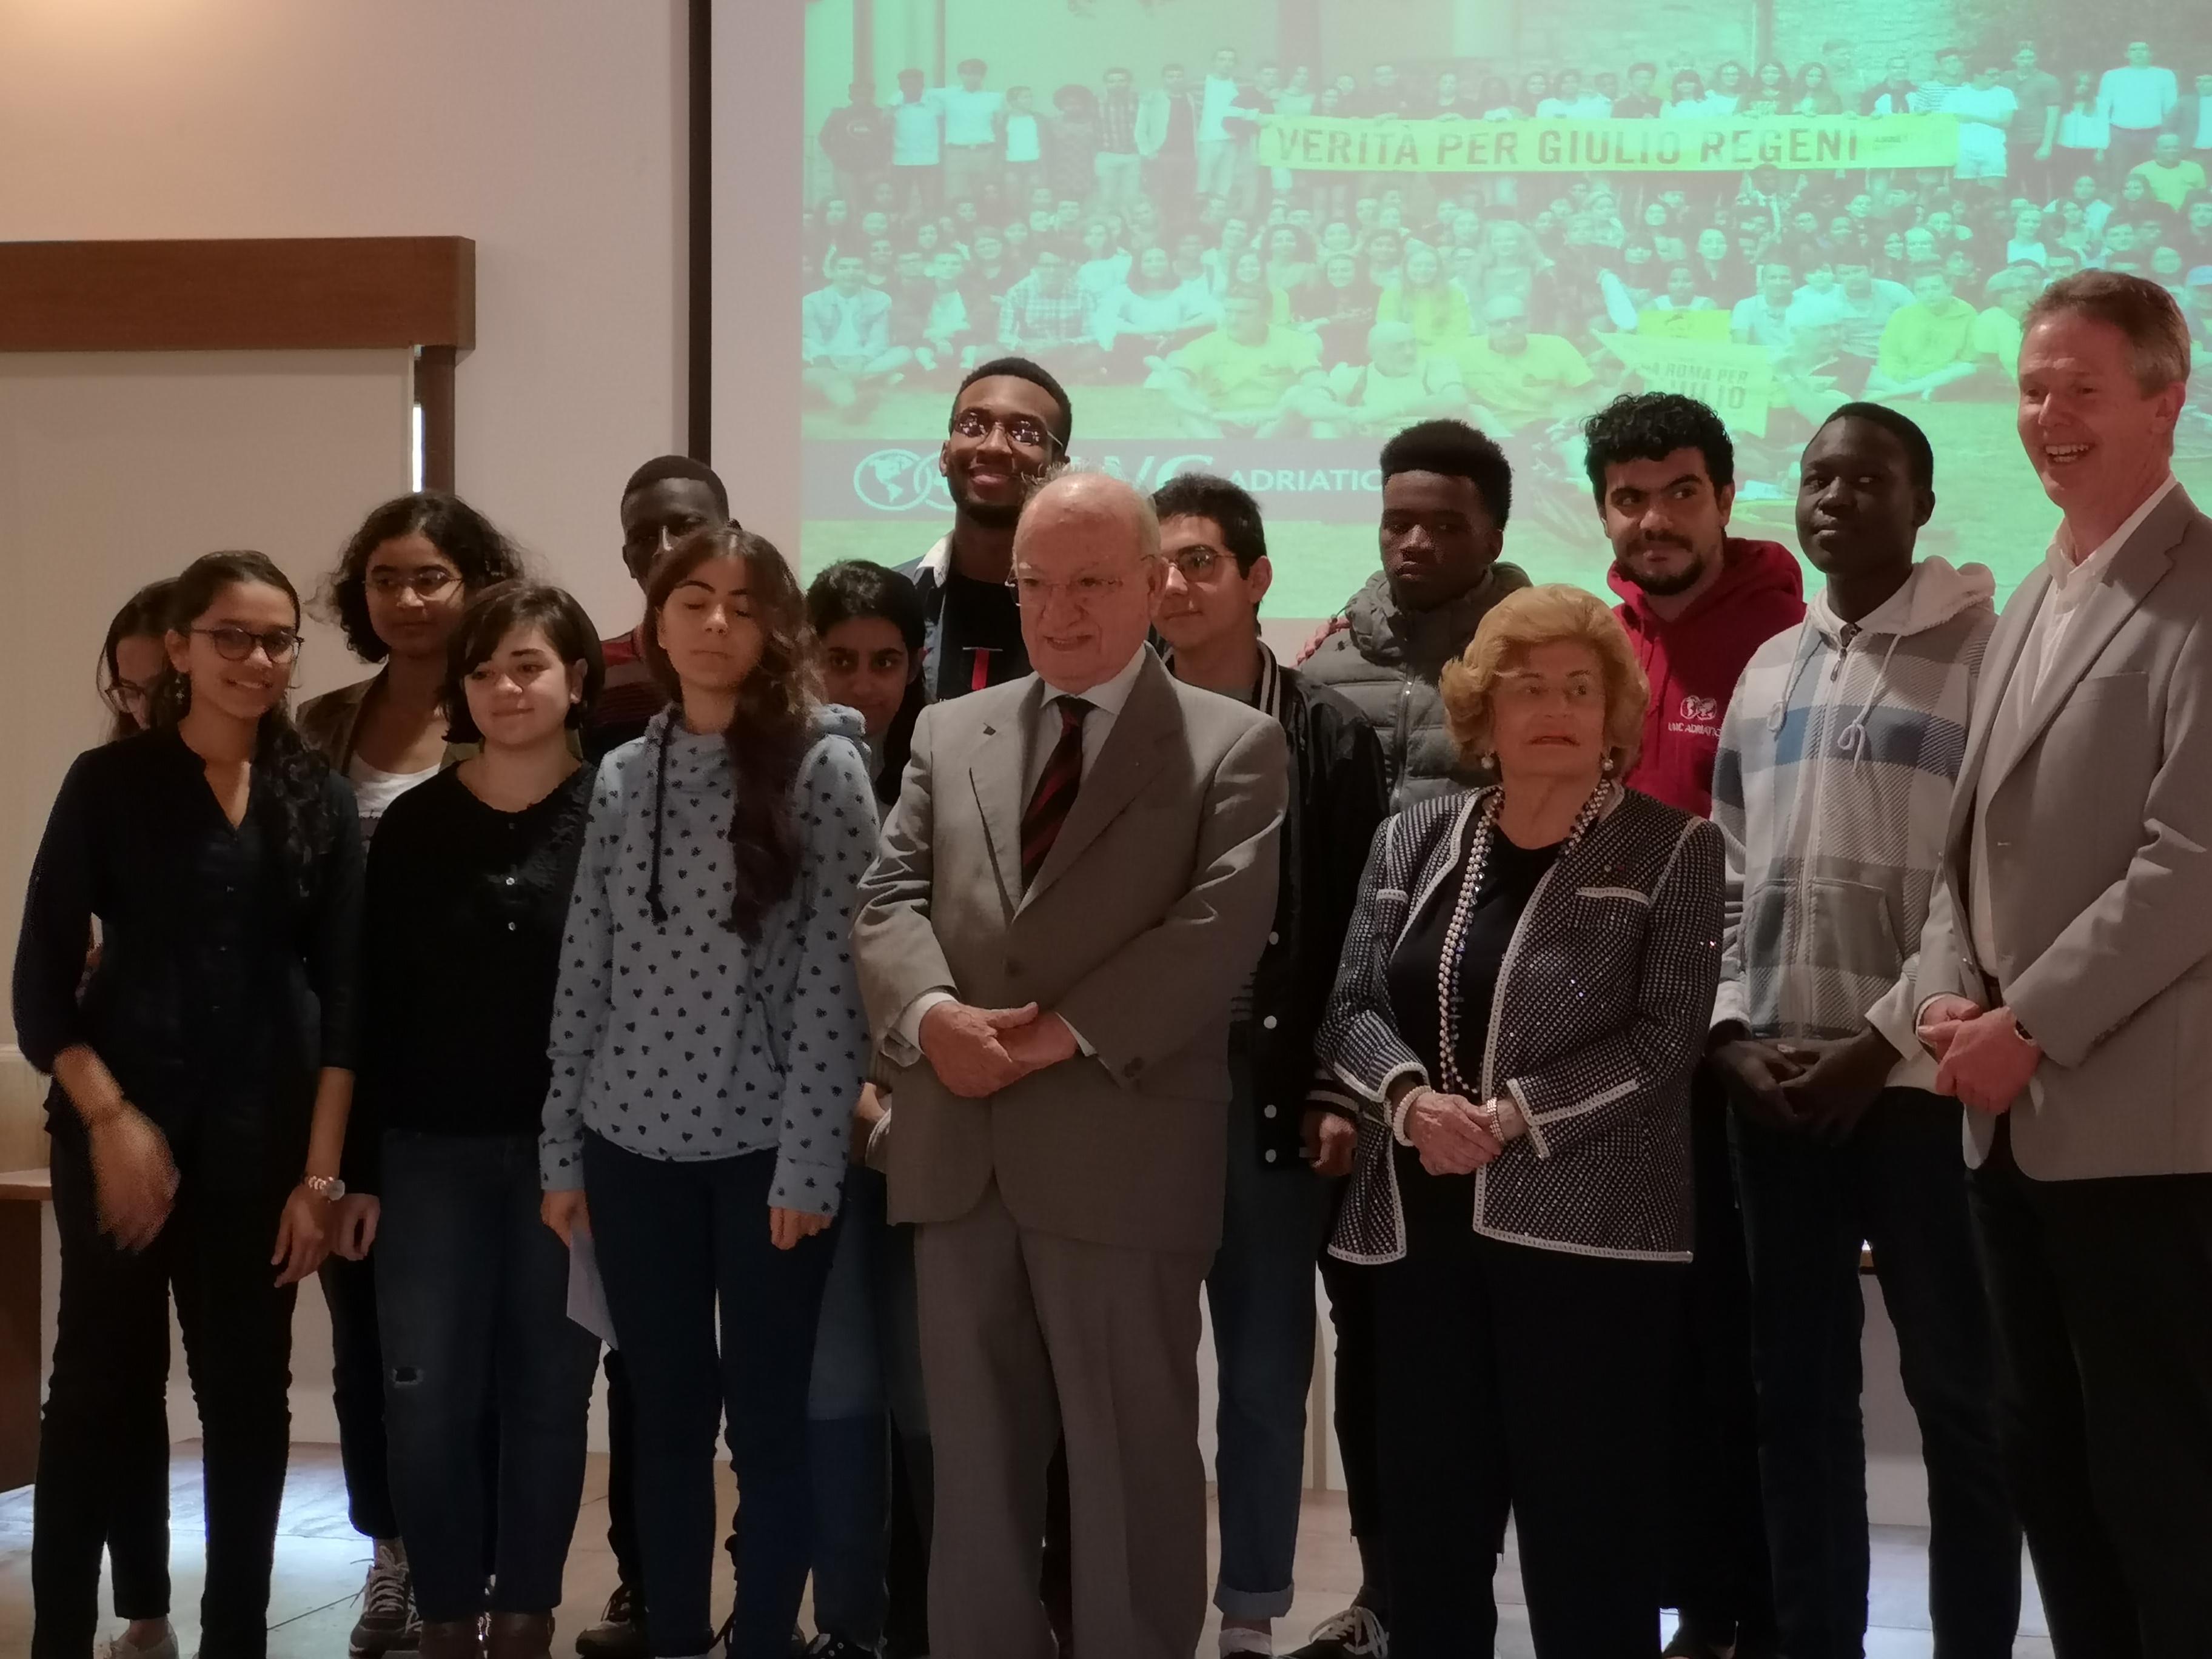 Gli studenti premiati con il Segretario dott.Pianciamore, la Presidente Etta Carignani, e il preside Mr Price